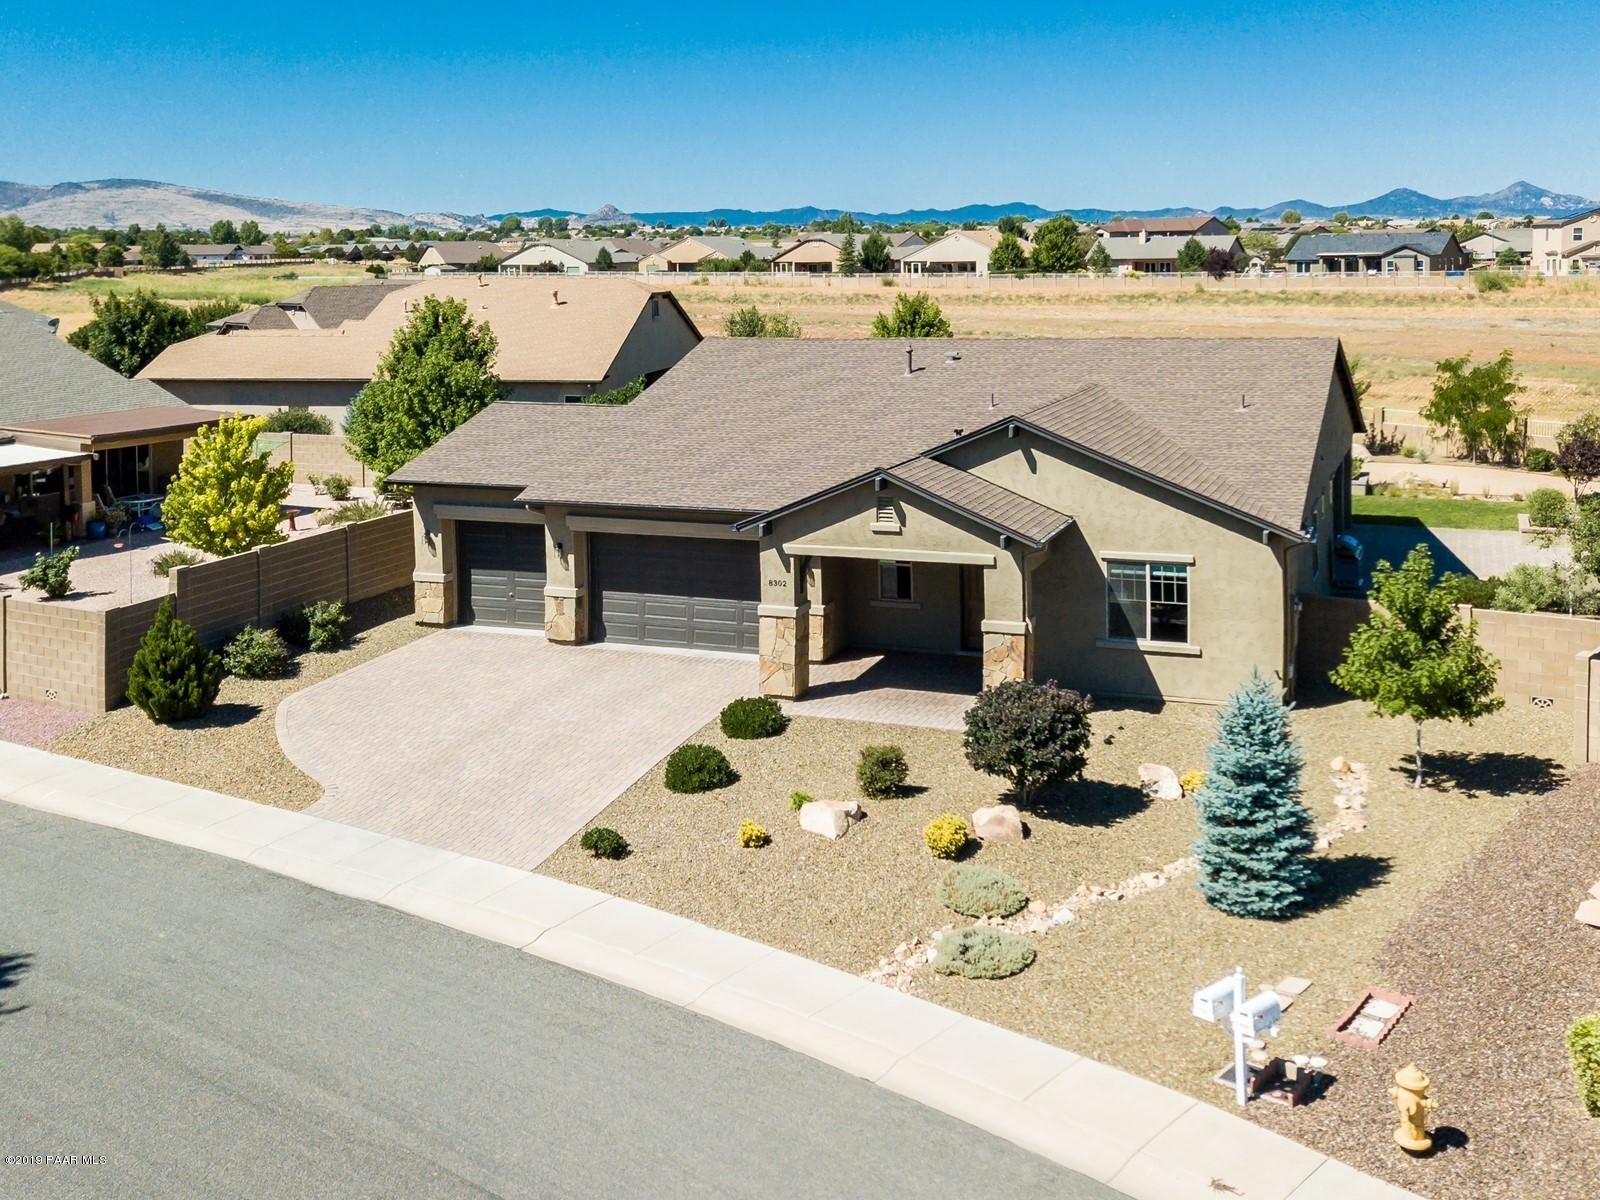 Photo of 8302 Eland, Prescott Valley, AZ 86315